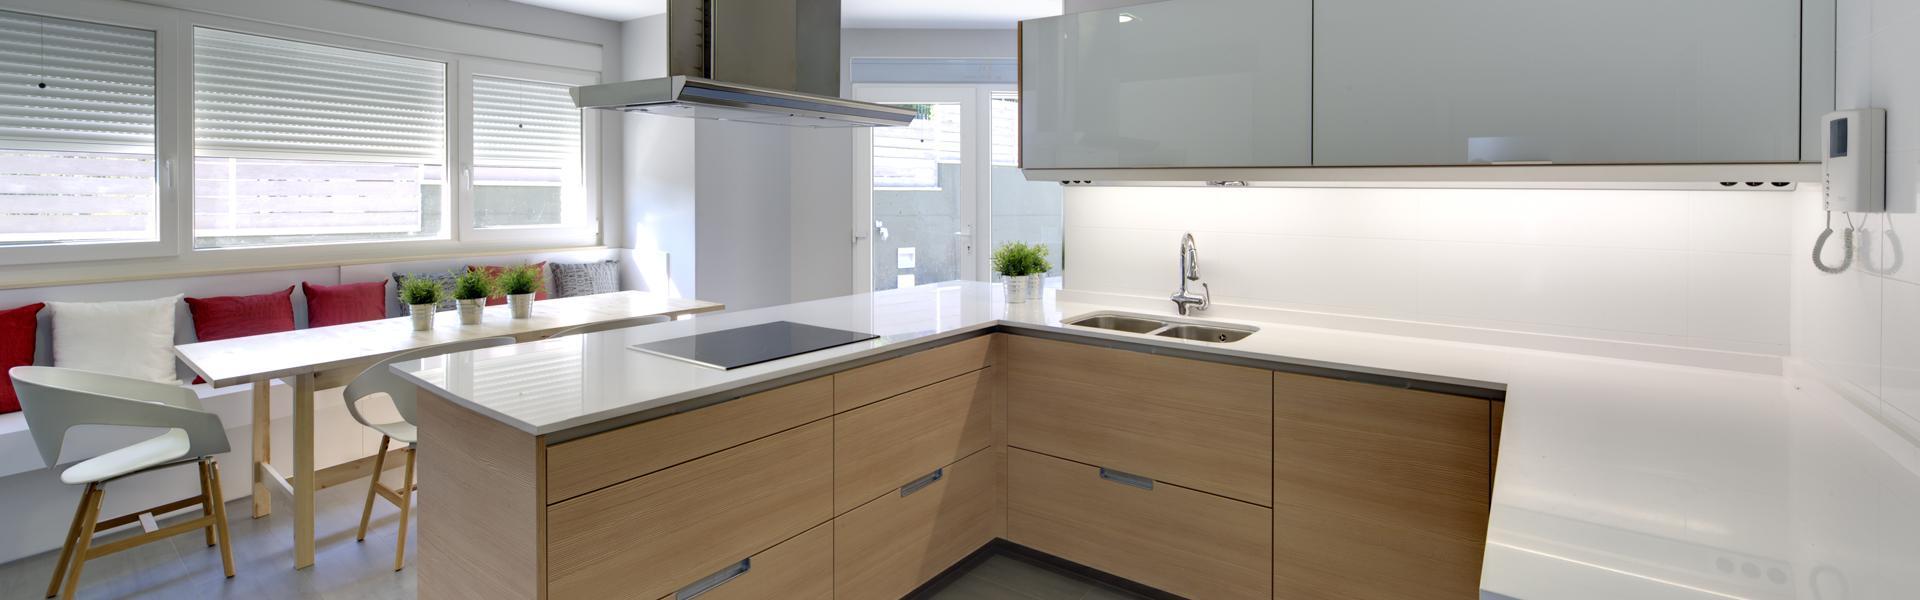 Cocinas de vidrio estudio cocinas dc - Cocinas santos valencia ...